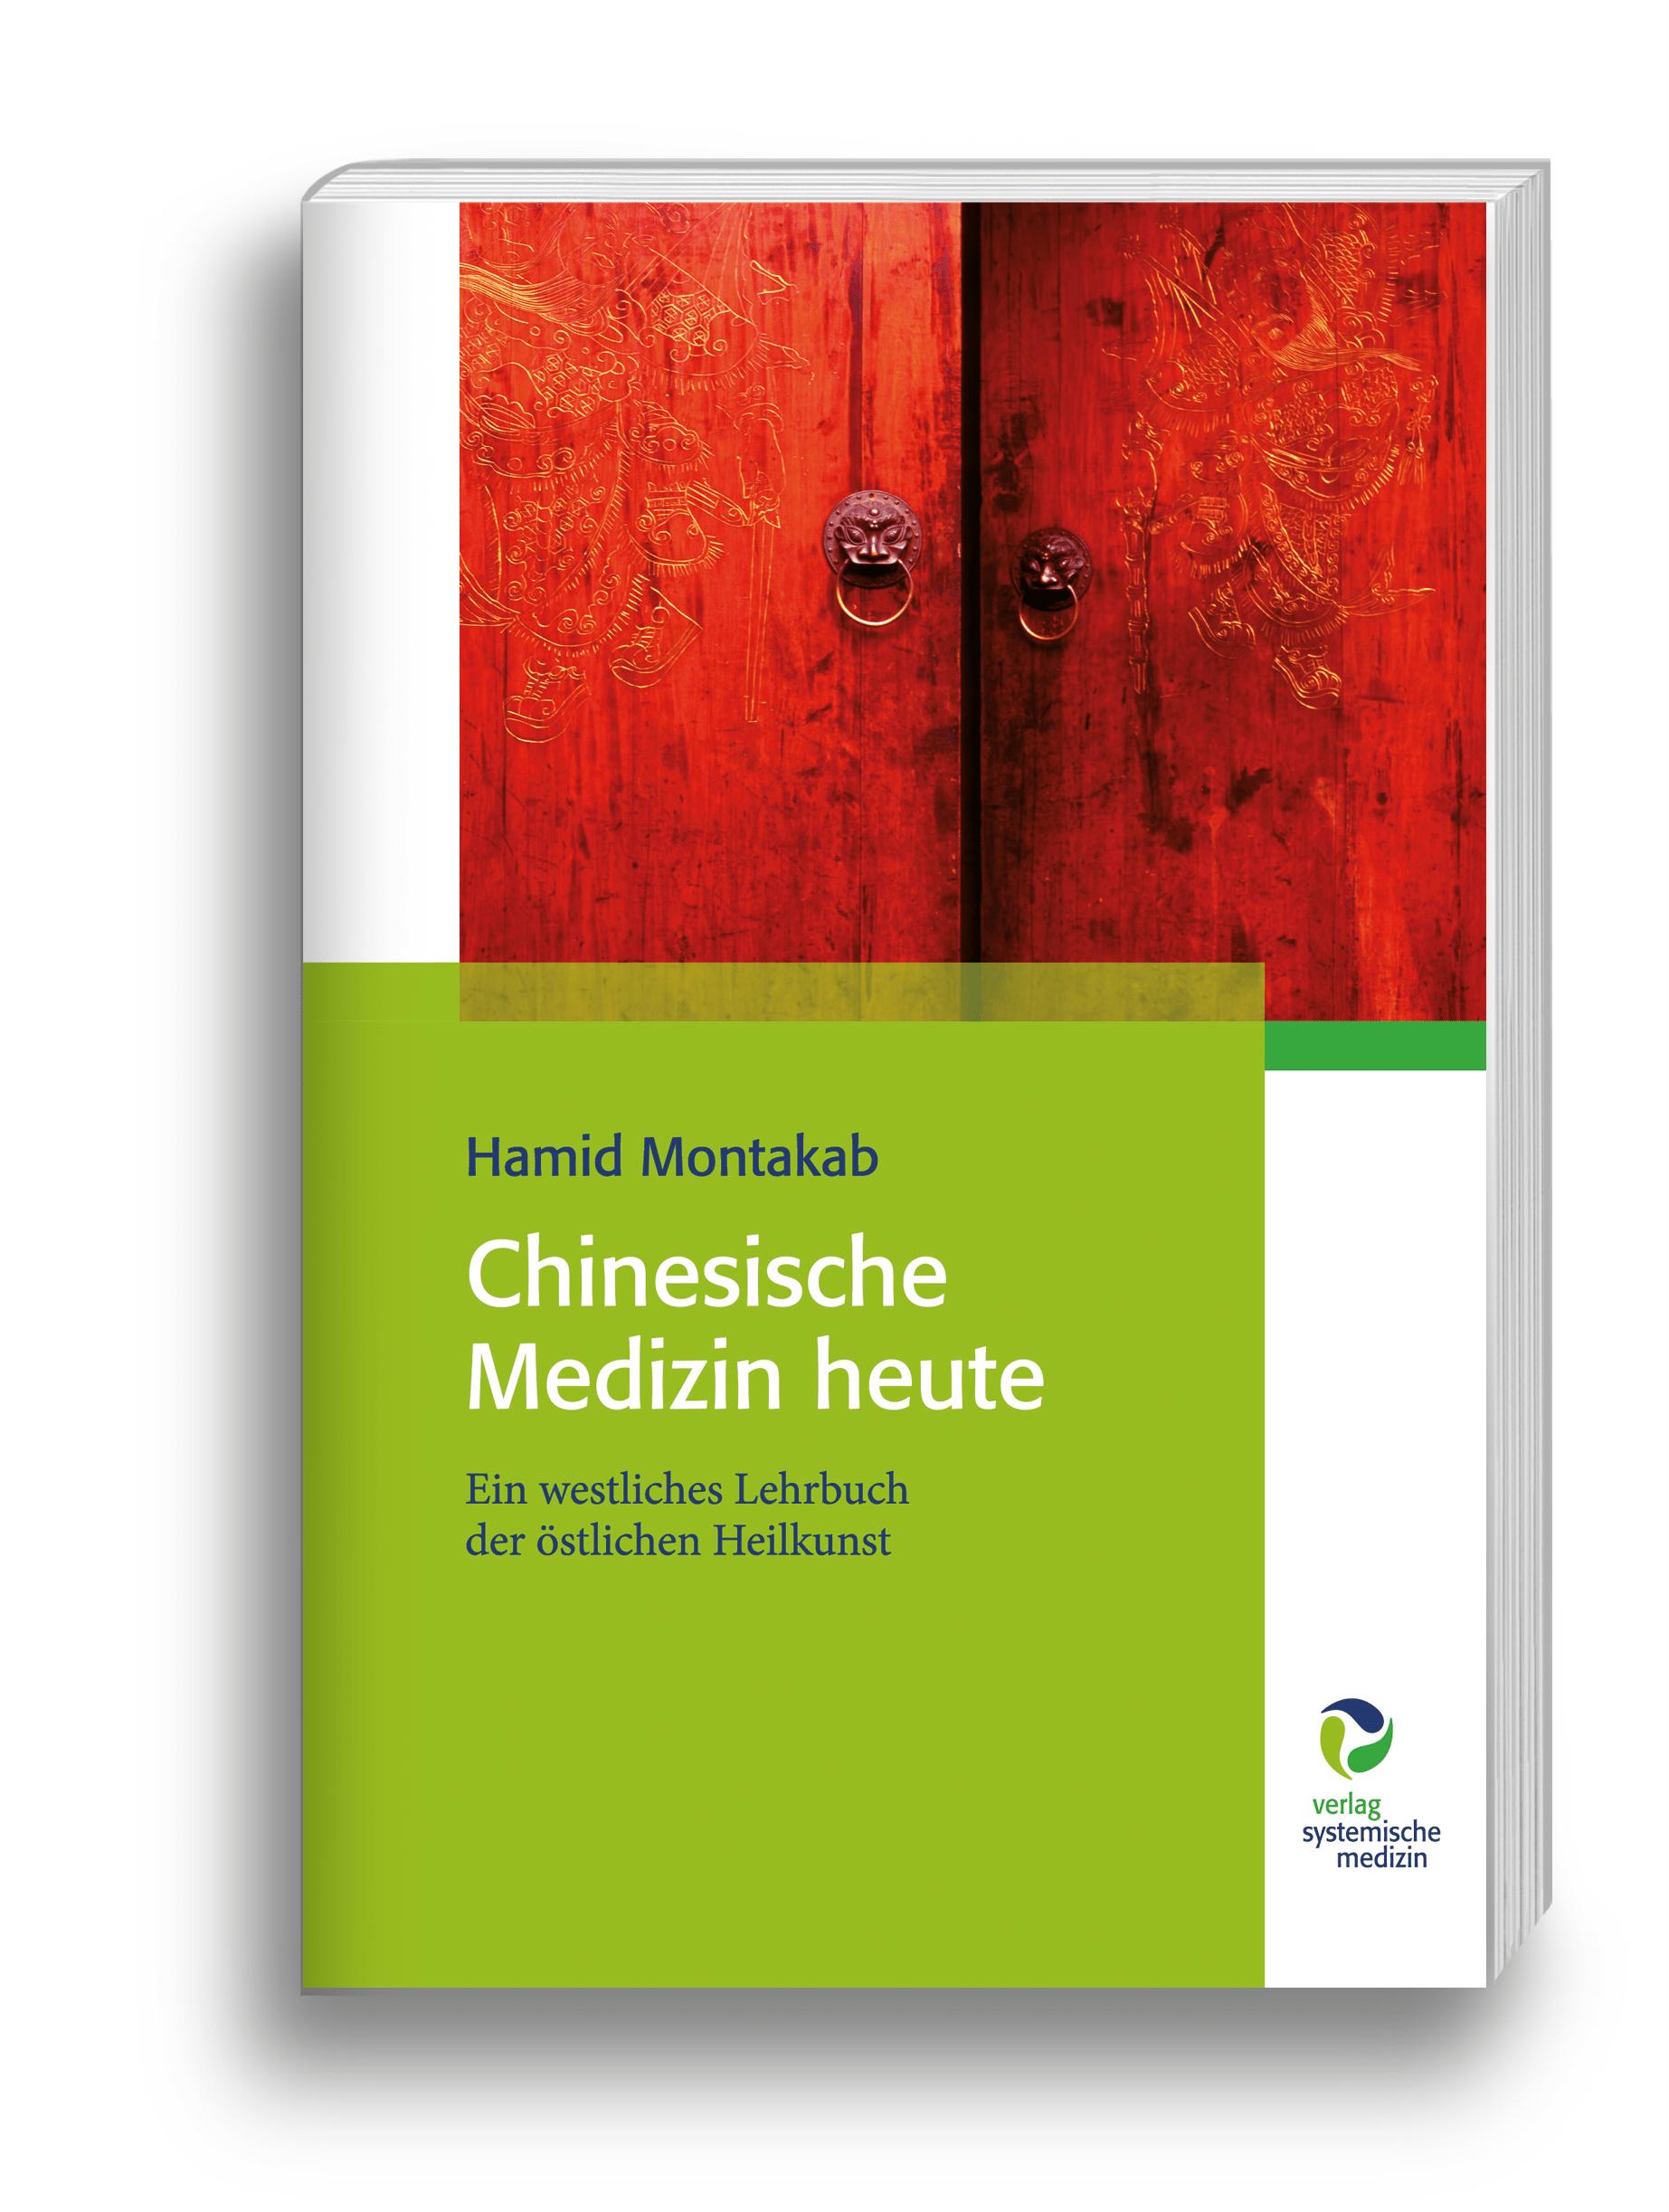 Buchcover Montakab: Chinesische Medizin heute